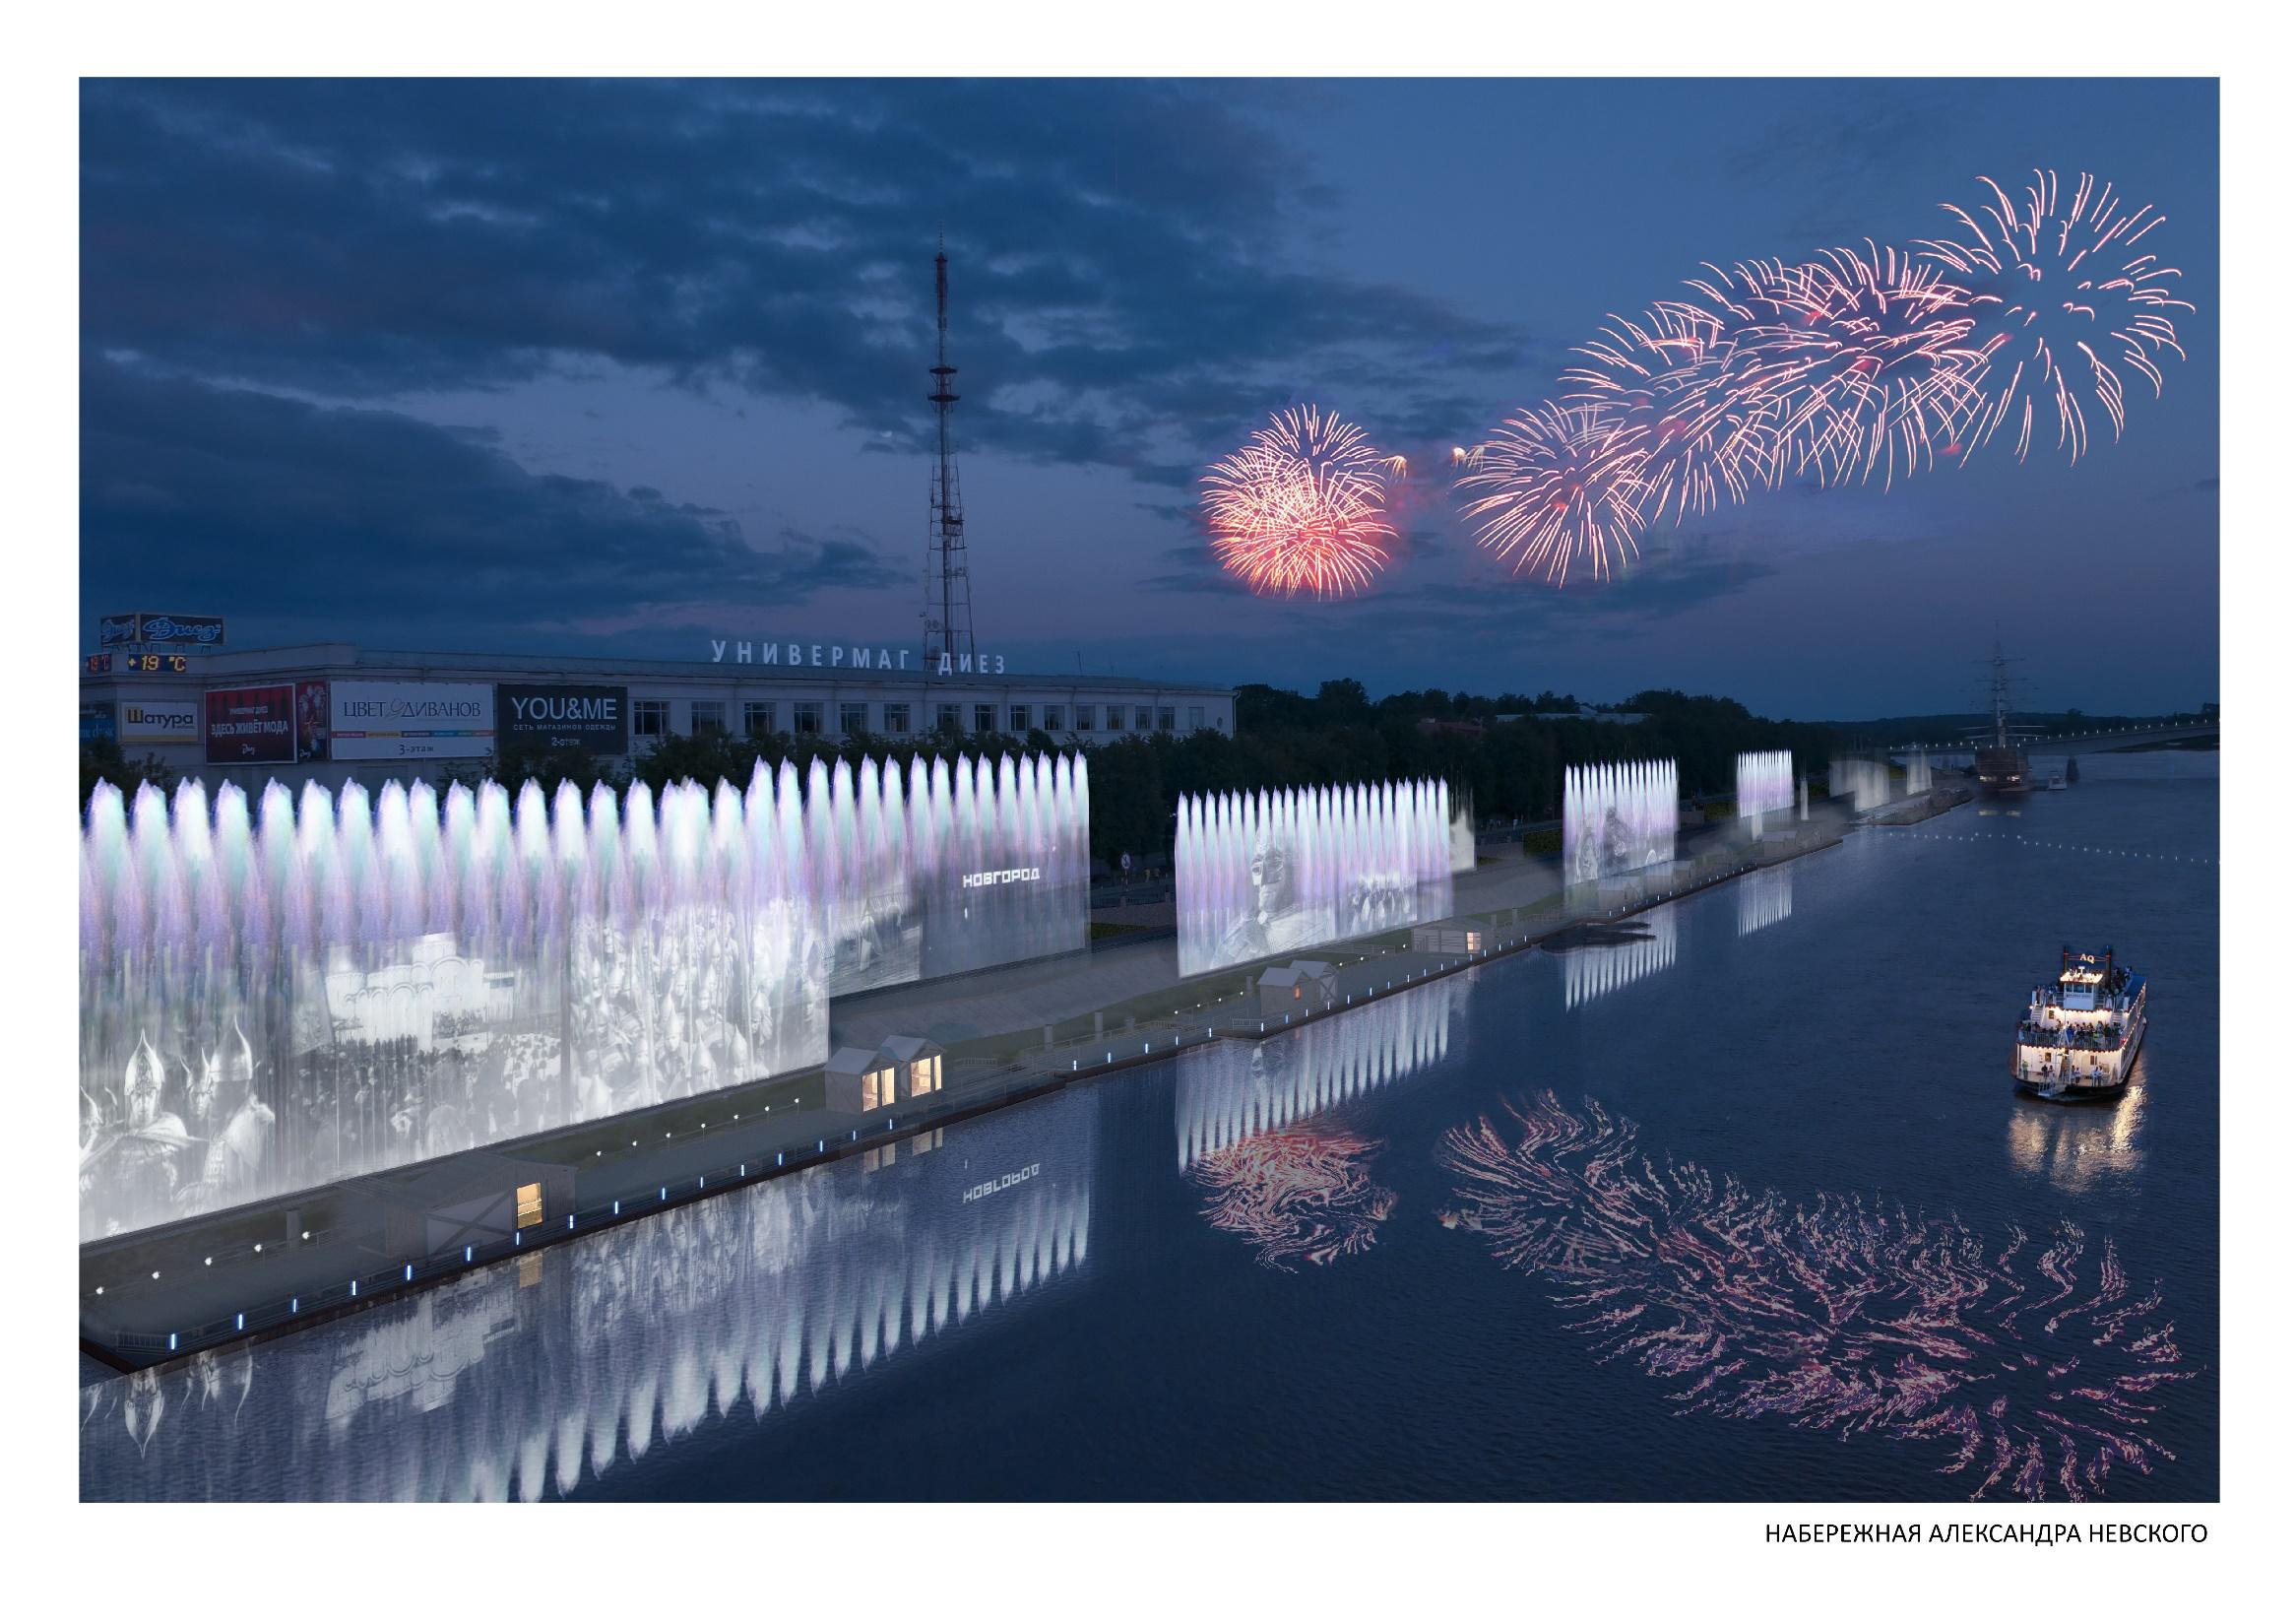 ВНовгороде хотят облагородить набережную отДеревяницкого моста доРюрикова городища